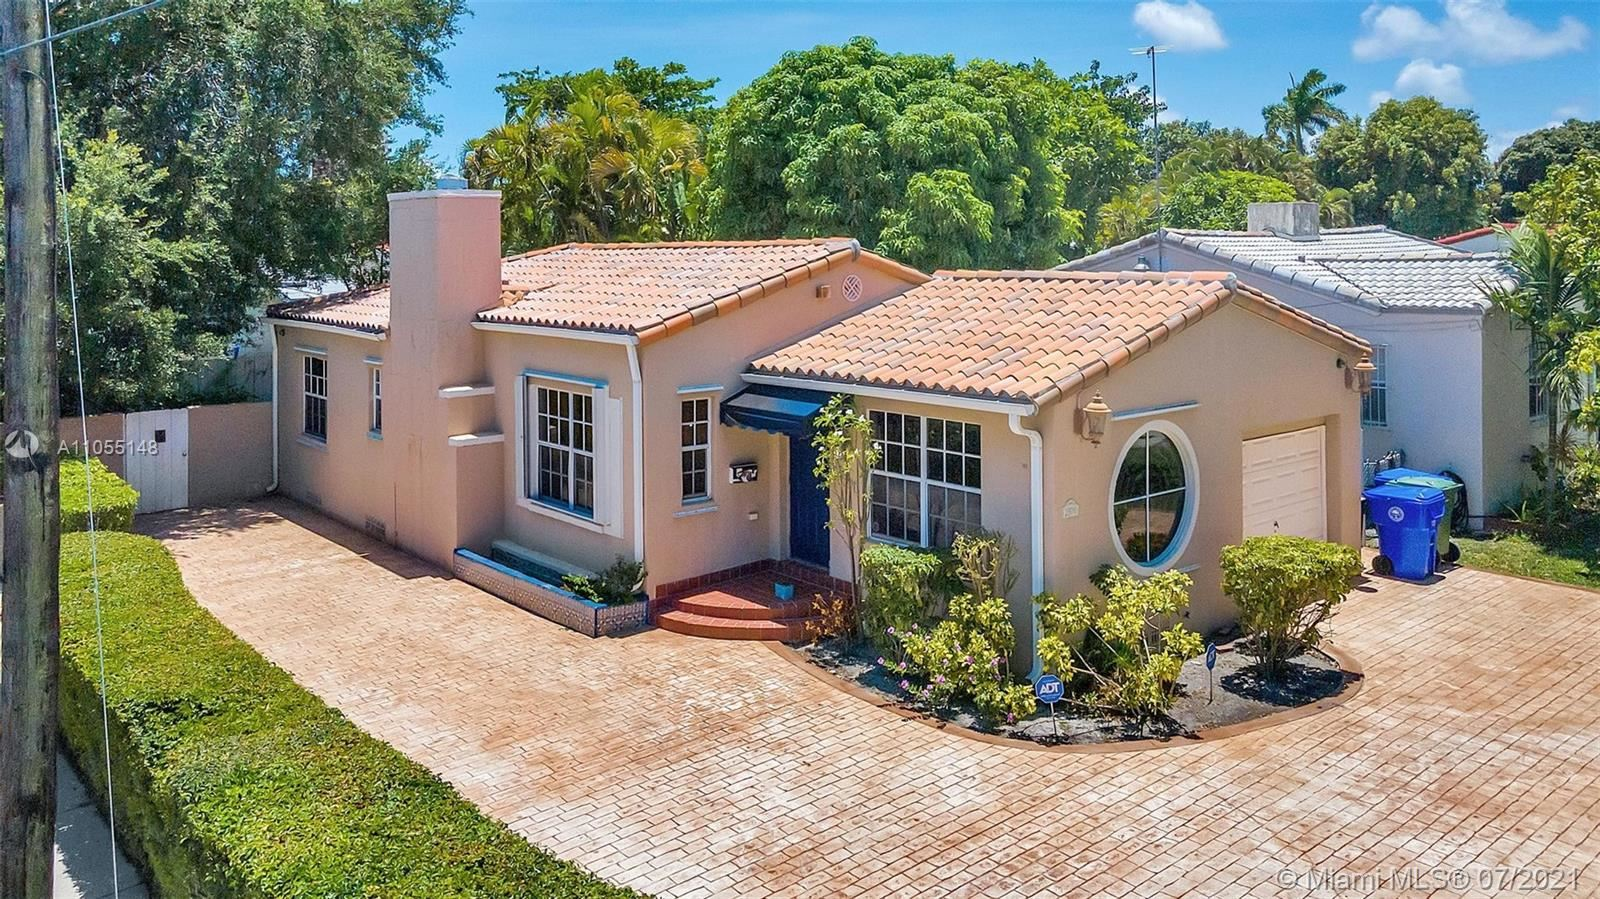 2500 SW 20th St, Miami, FL 33145 - #: A11055148